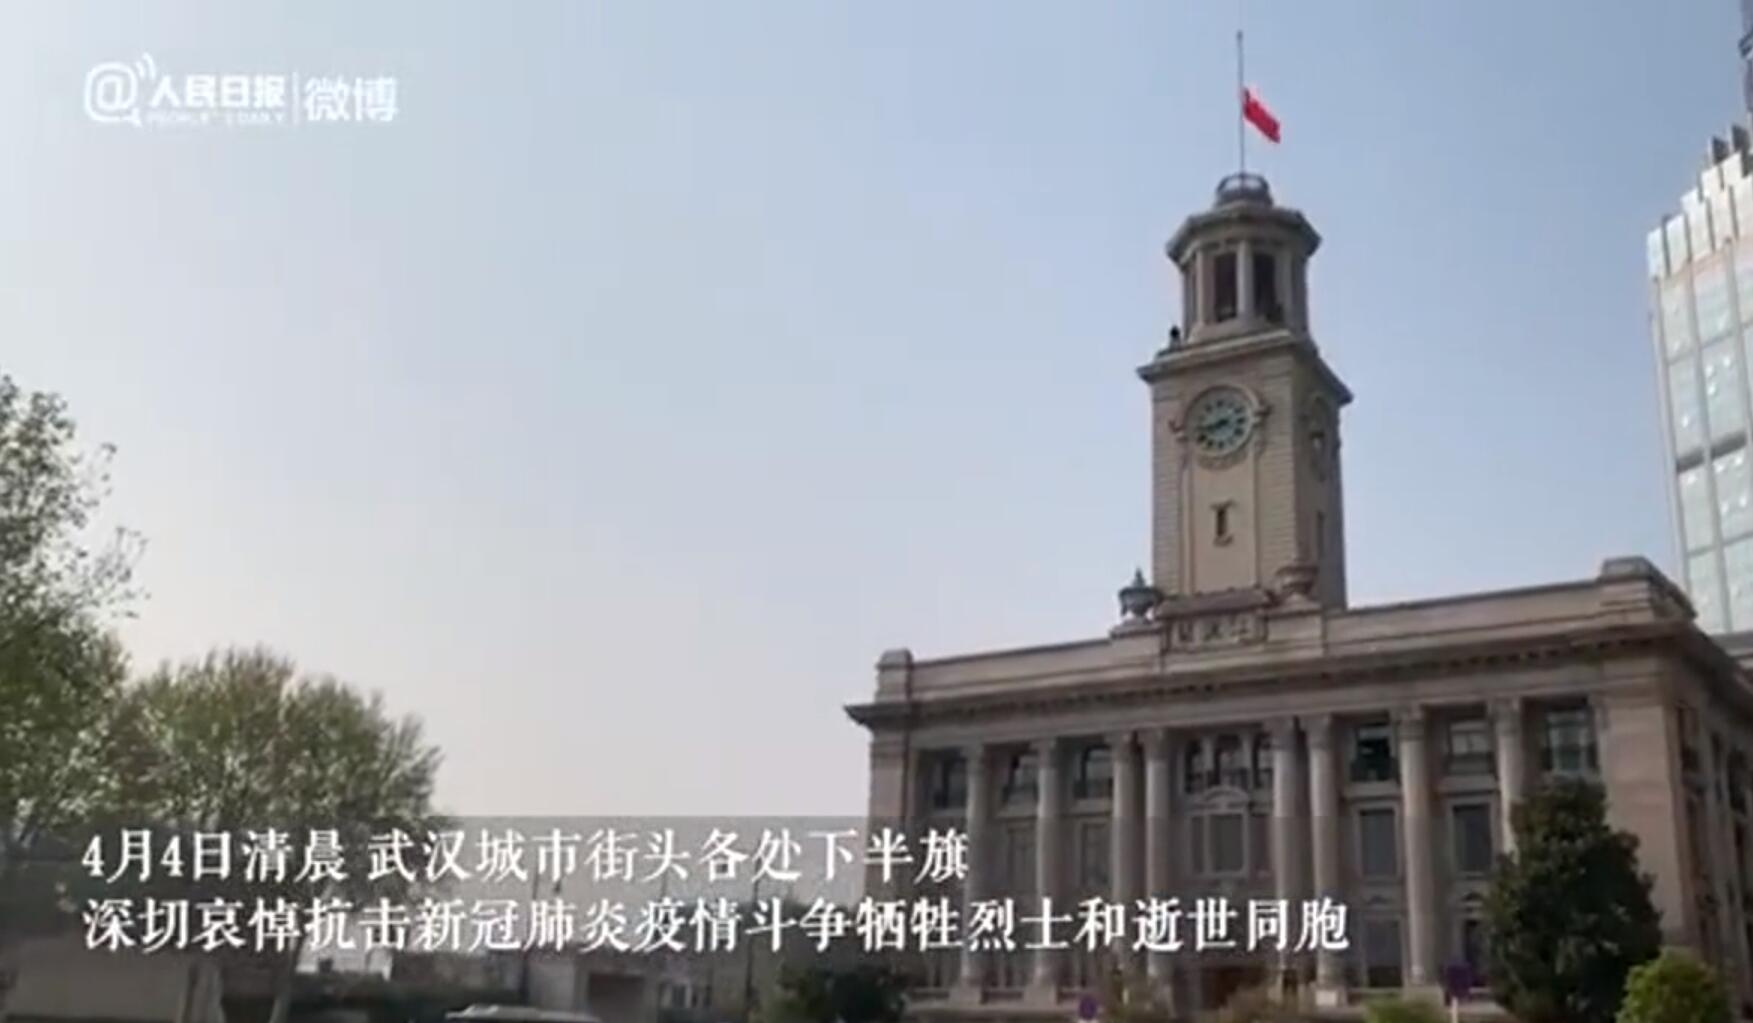 武汉街头各处下半旗 哀悼抗疫牺牲烈士和逝世同胞